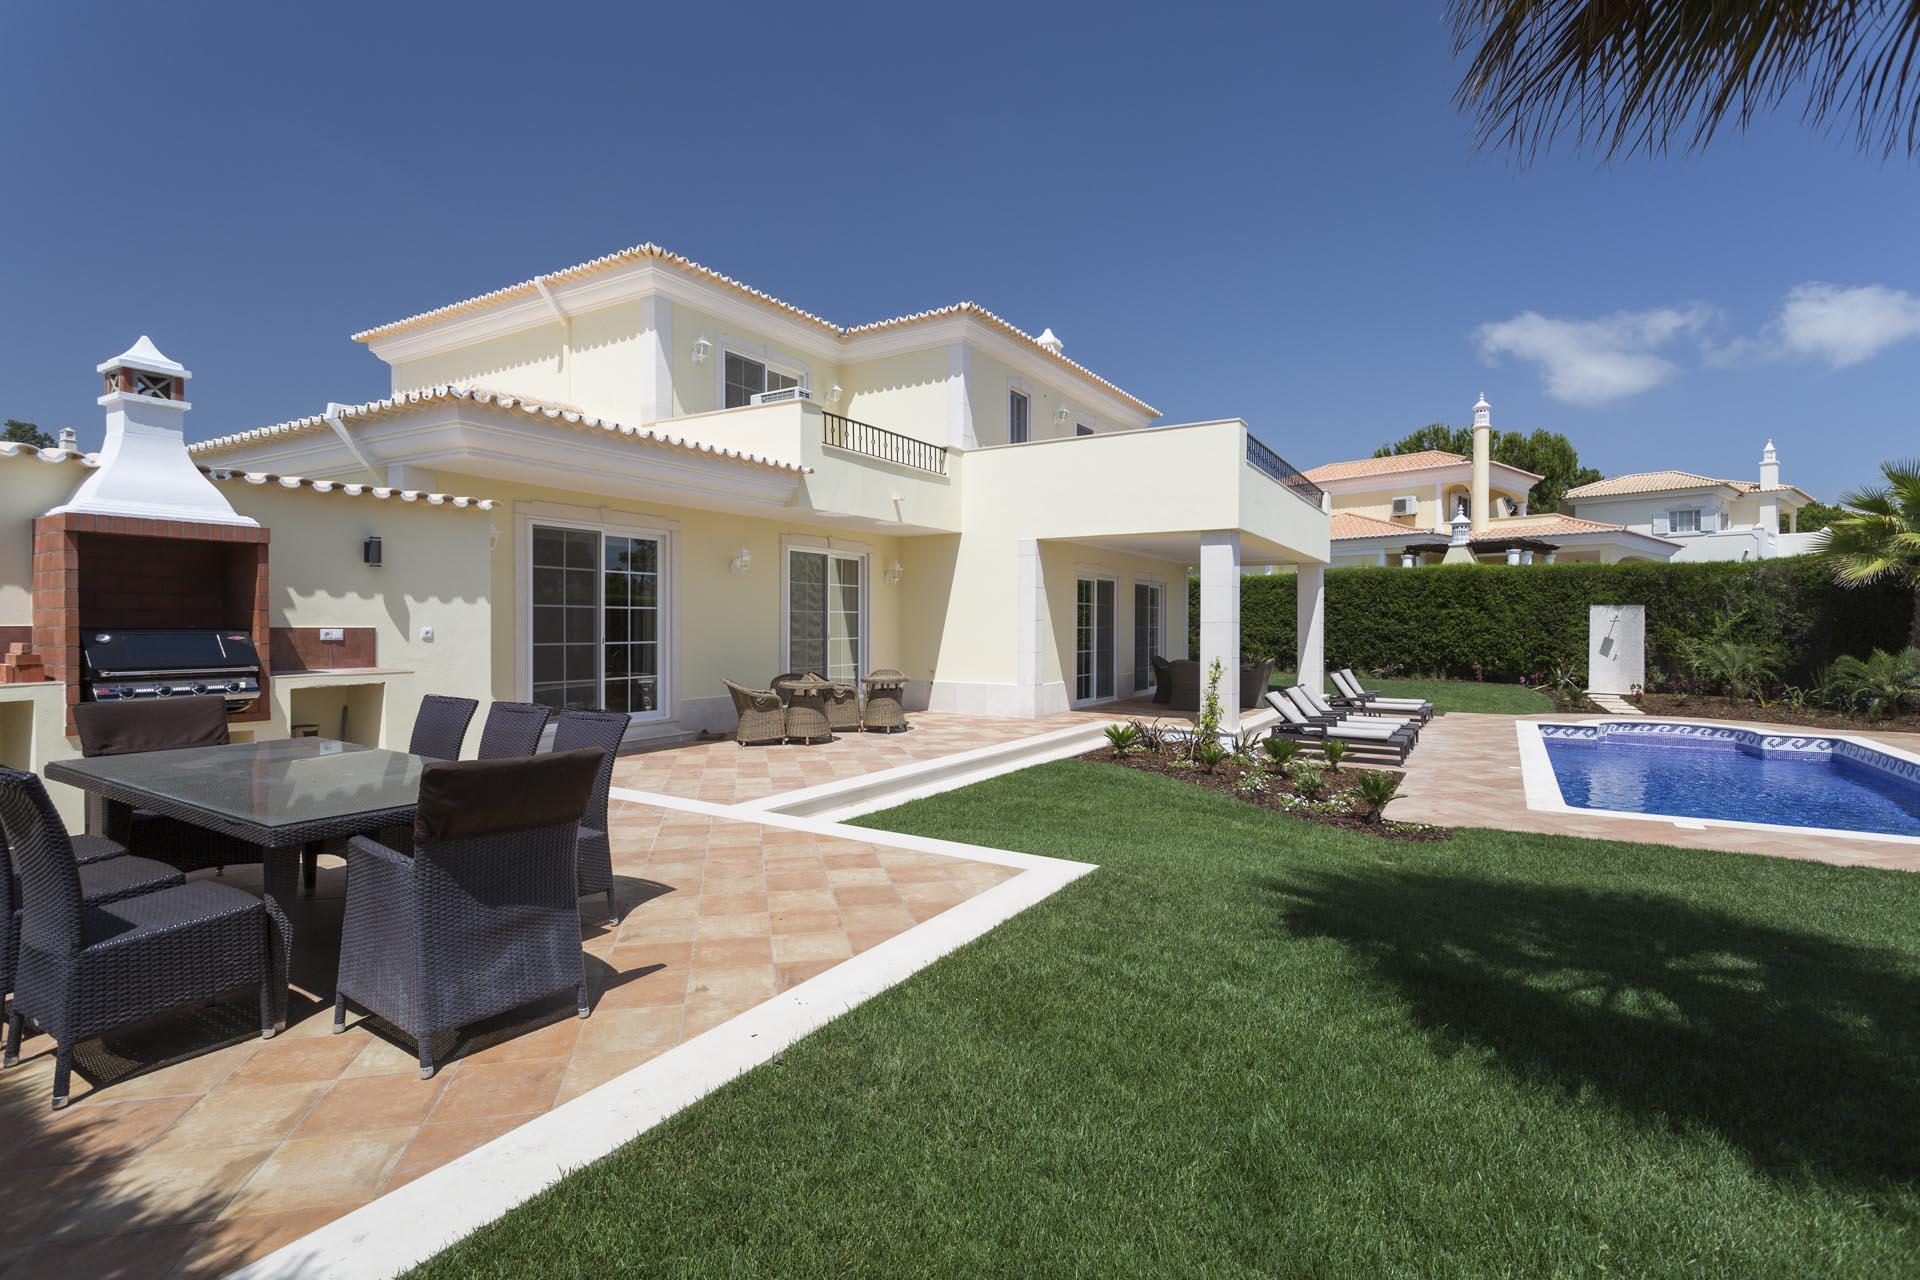 Rapala Encosta do Lago Vilamoura Vale do Lobo-Quinta do Lago Algarve Properties Rentals